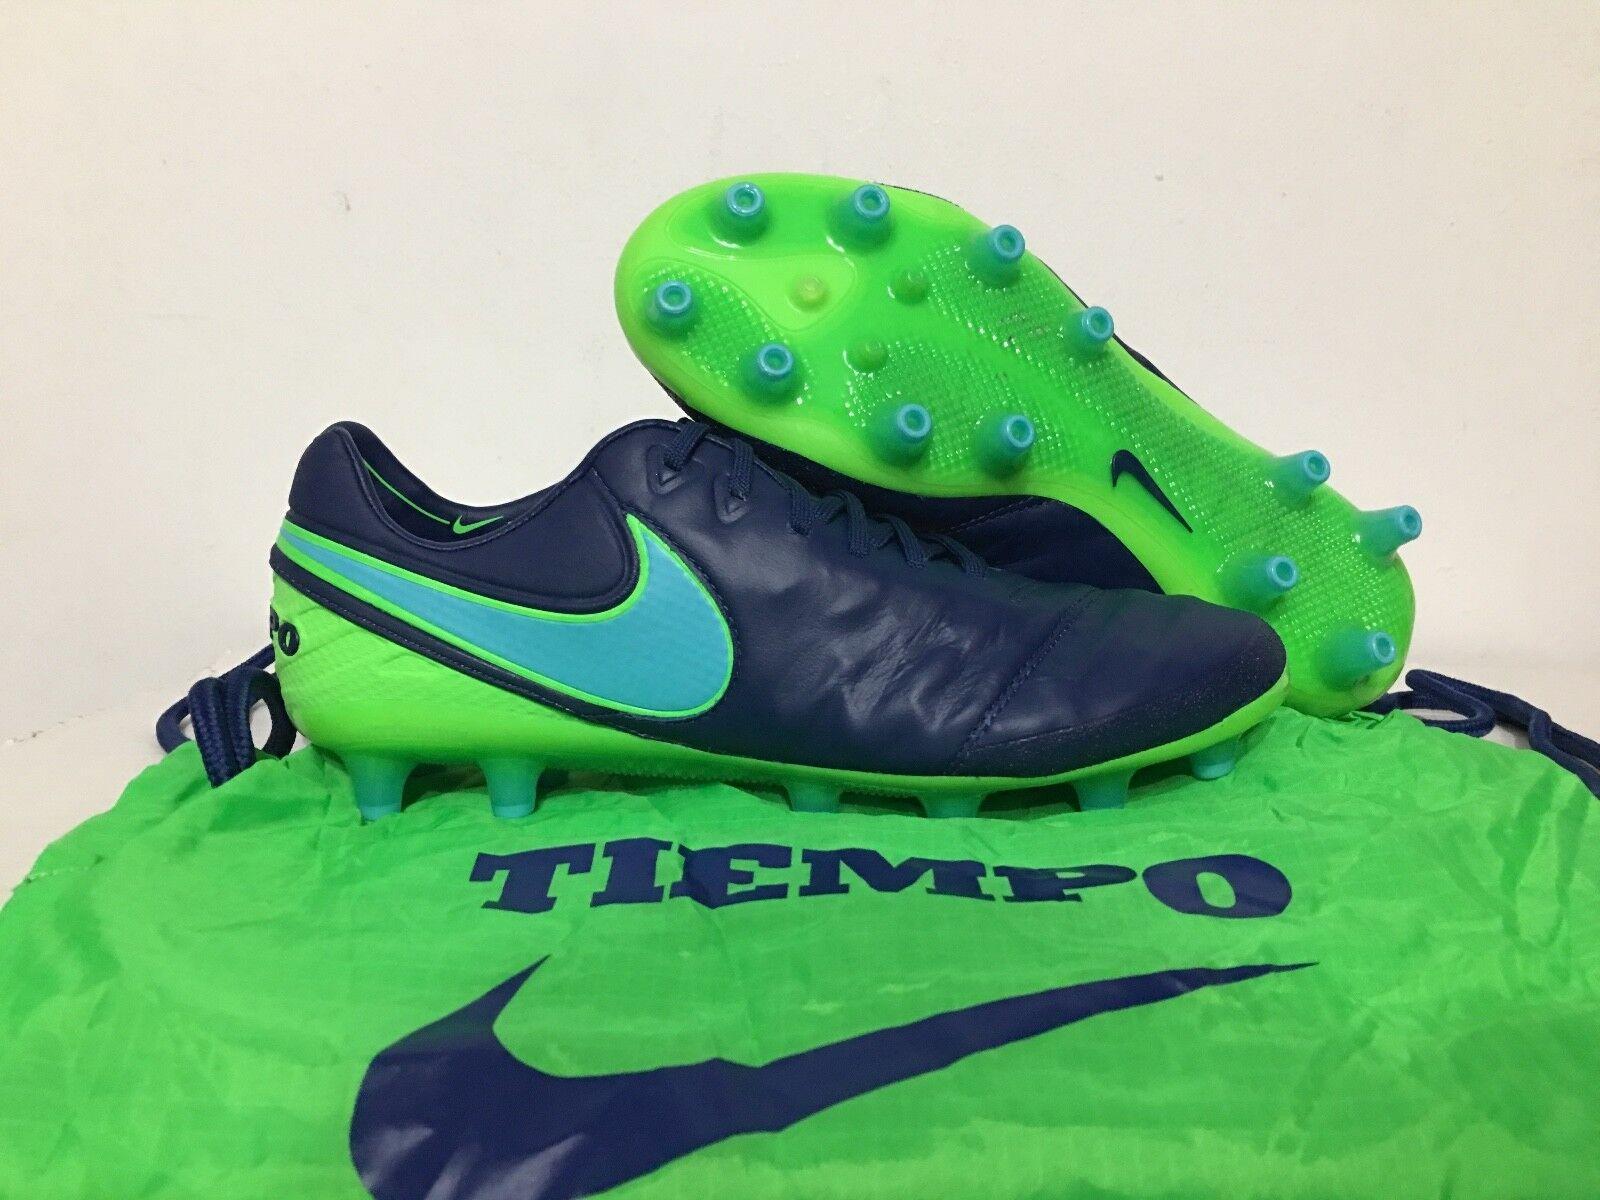 Nike Tiempo Legend Chaussures Vi 6 Ag-Pro Acc Chaussures Legend de Football Ctier Bleu Vert c1062d